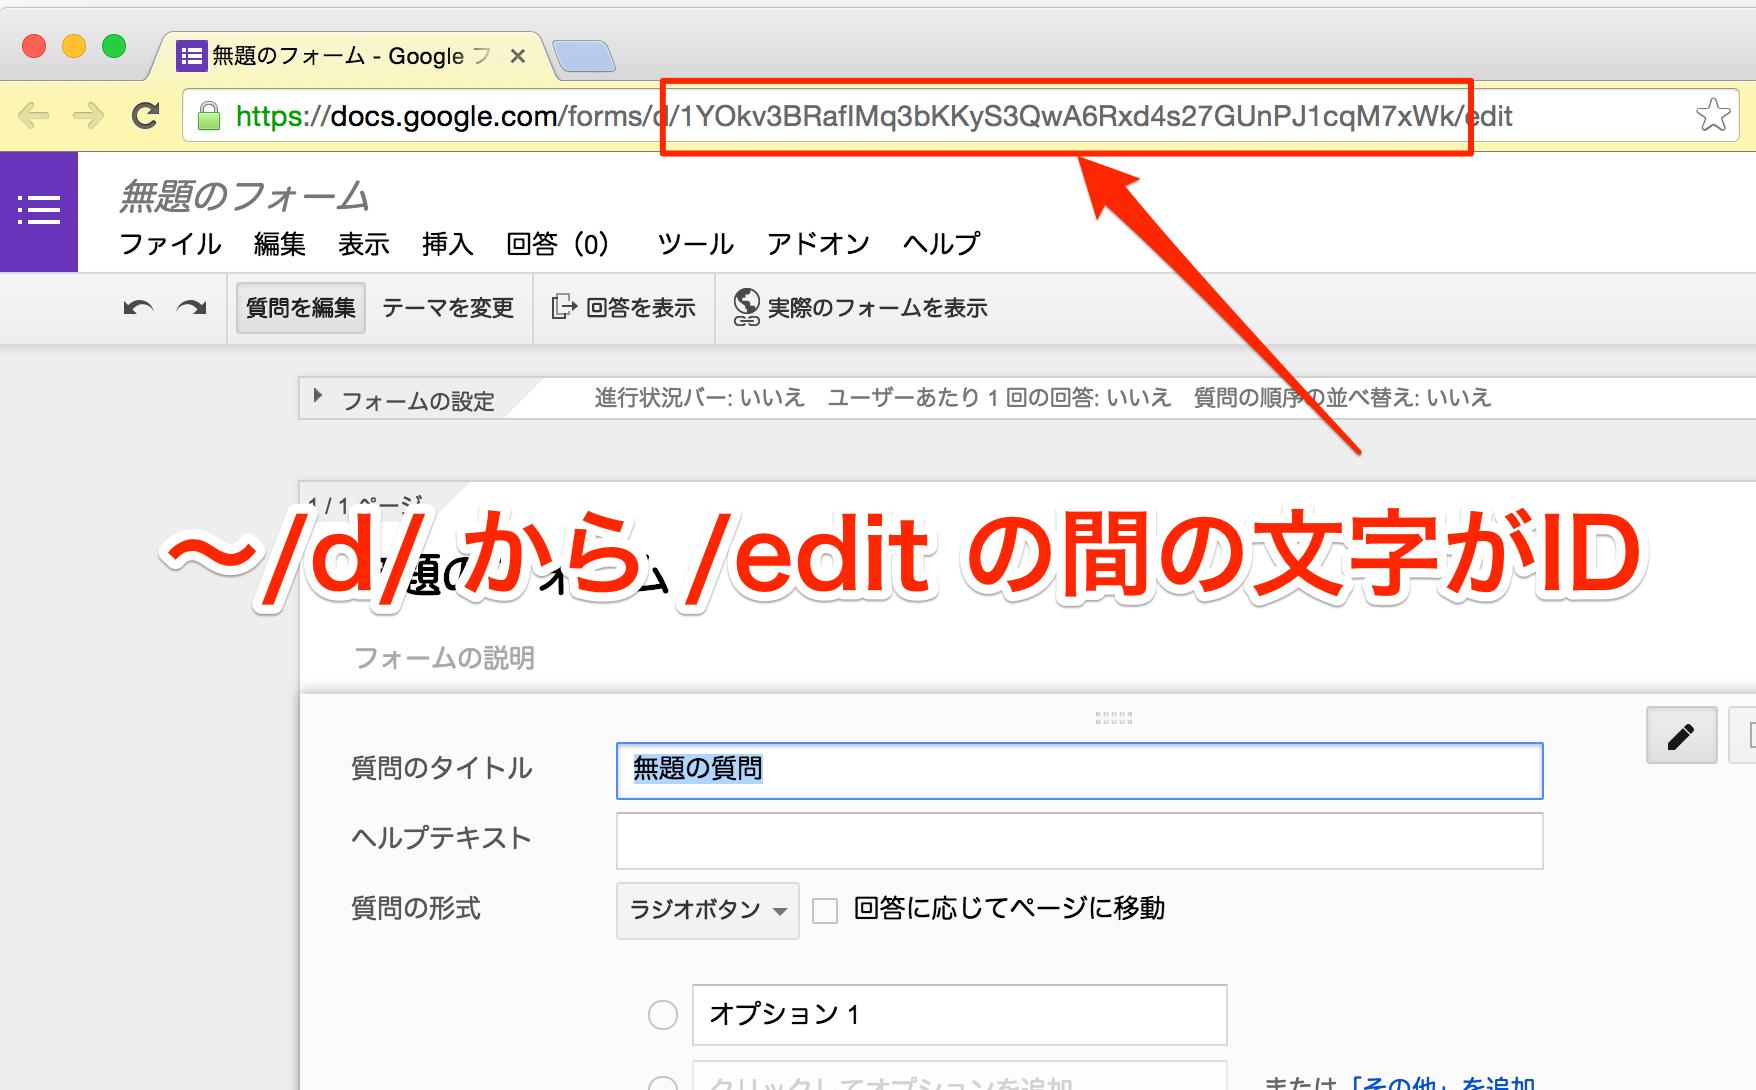 無題のフォーム_-_Google_フォーム_と_GAS_Station_-_Google_ドライブ.png